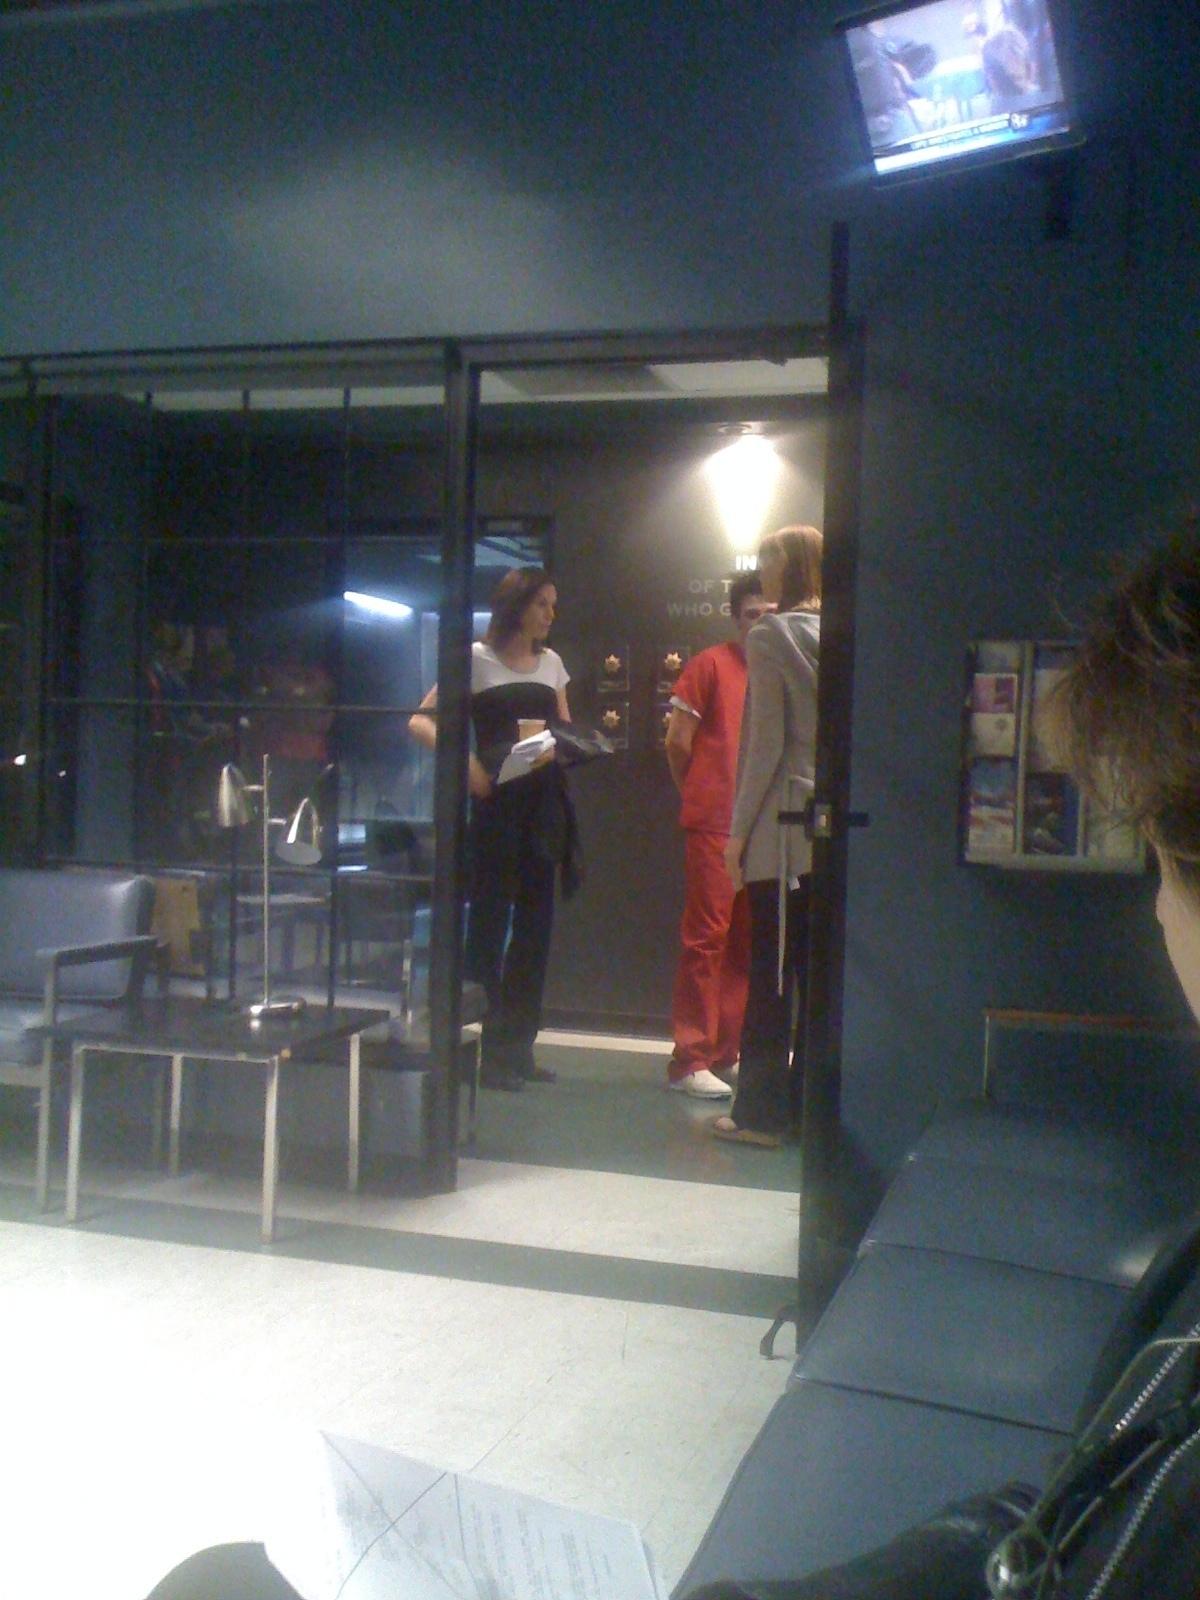 CSI: Las Vegas - Episode 10.02 - Ghost town - Set تصاویر